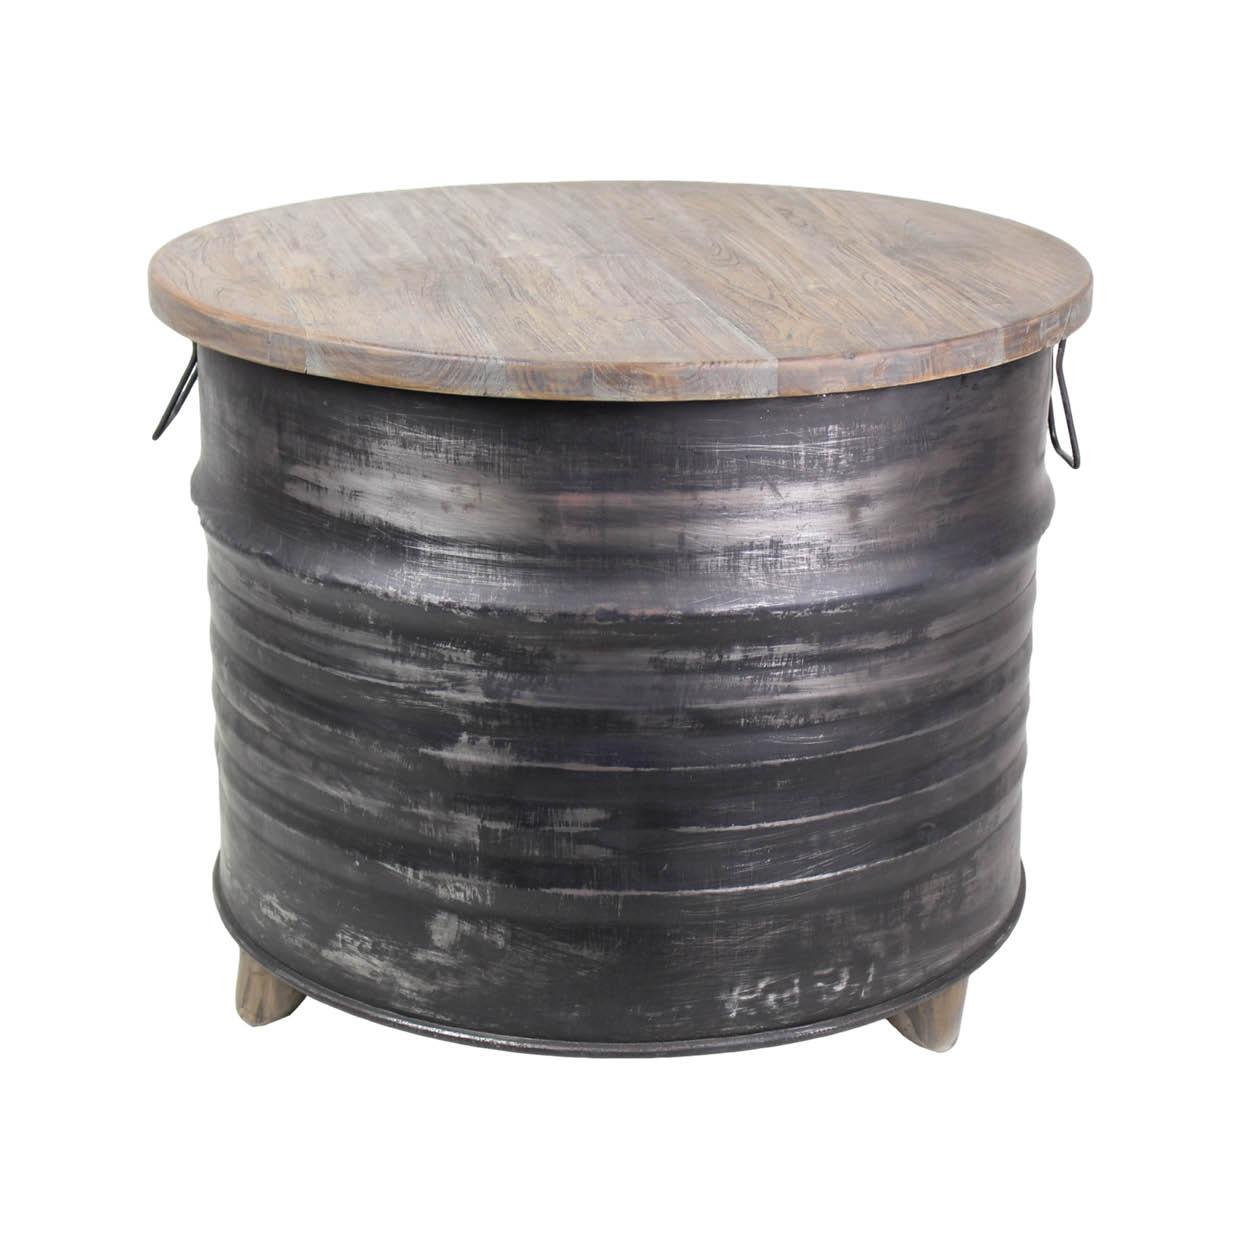 Grey Teak Coffee Table: Coffee Table Drum